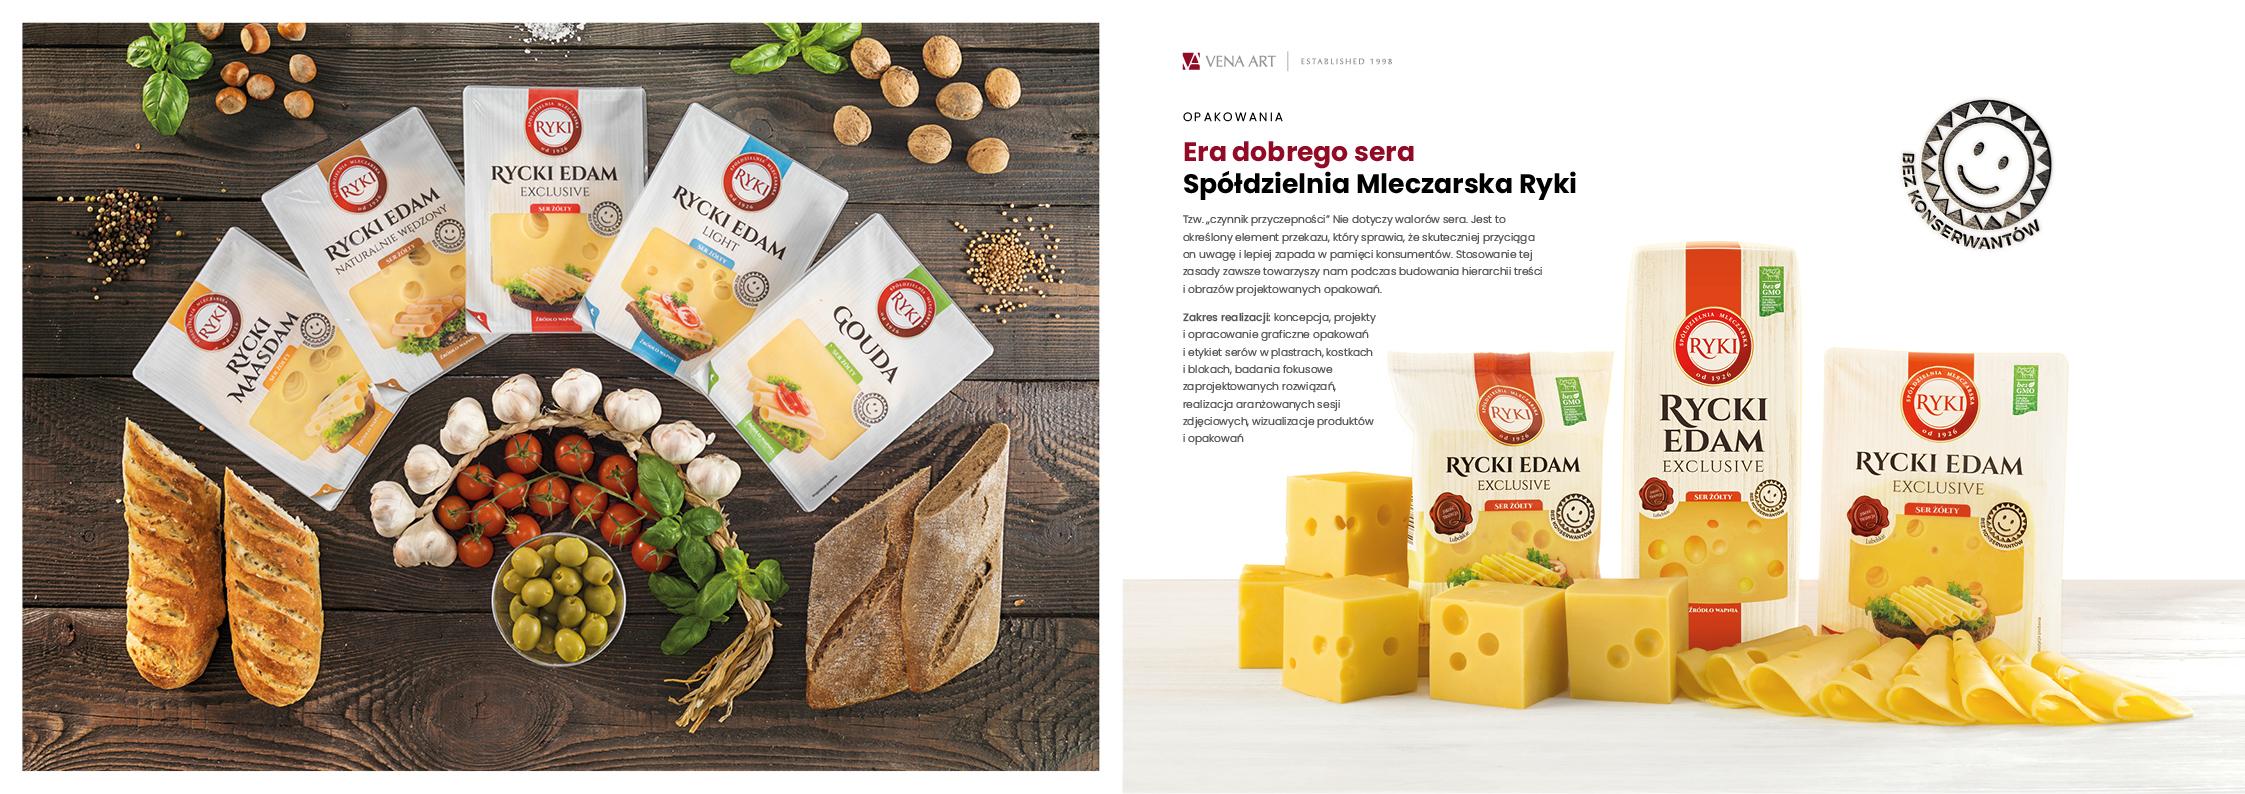 Era dobrego sera —Spółdzielnia Mleczarska Ryki